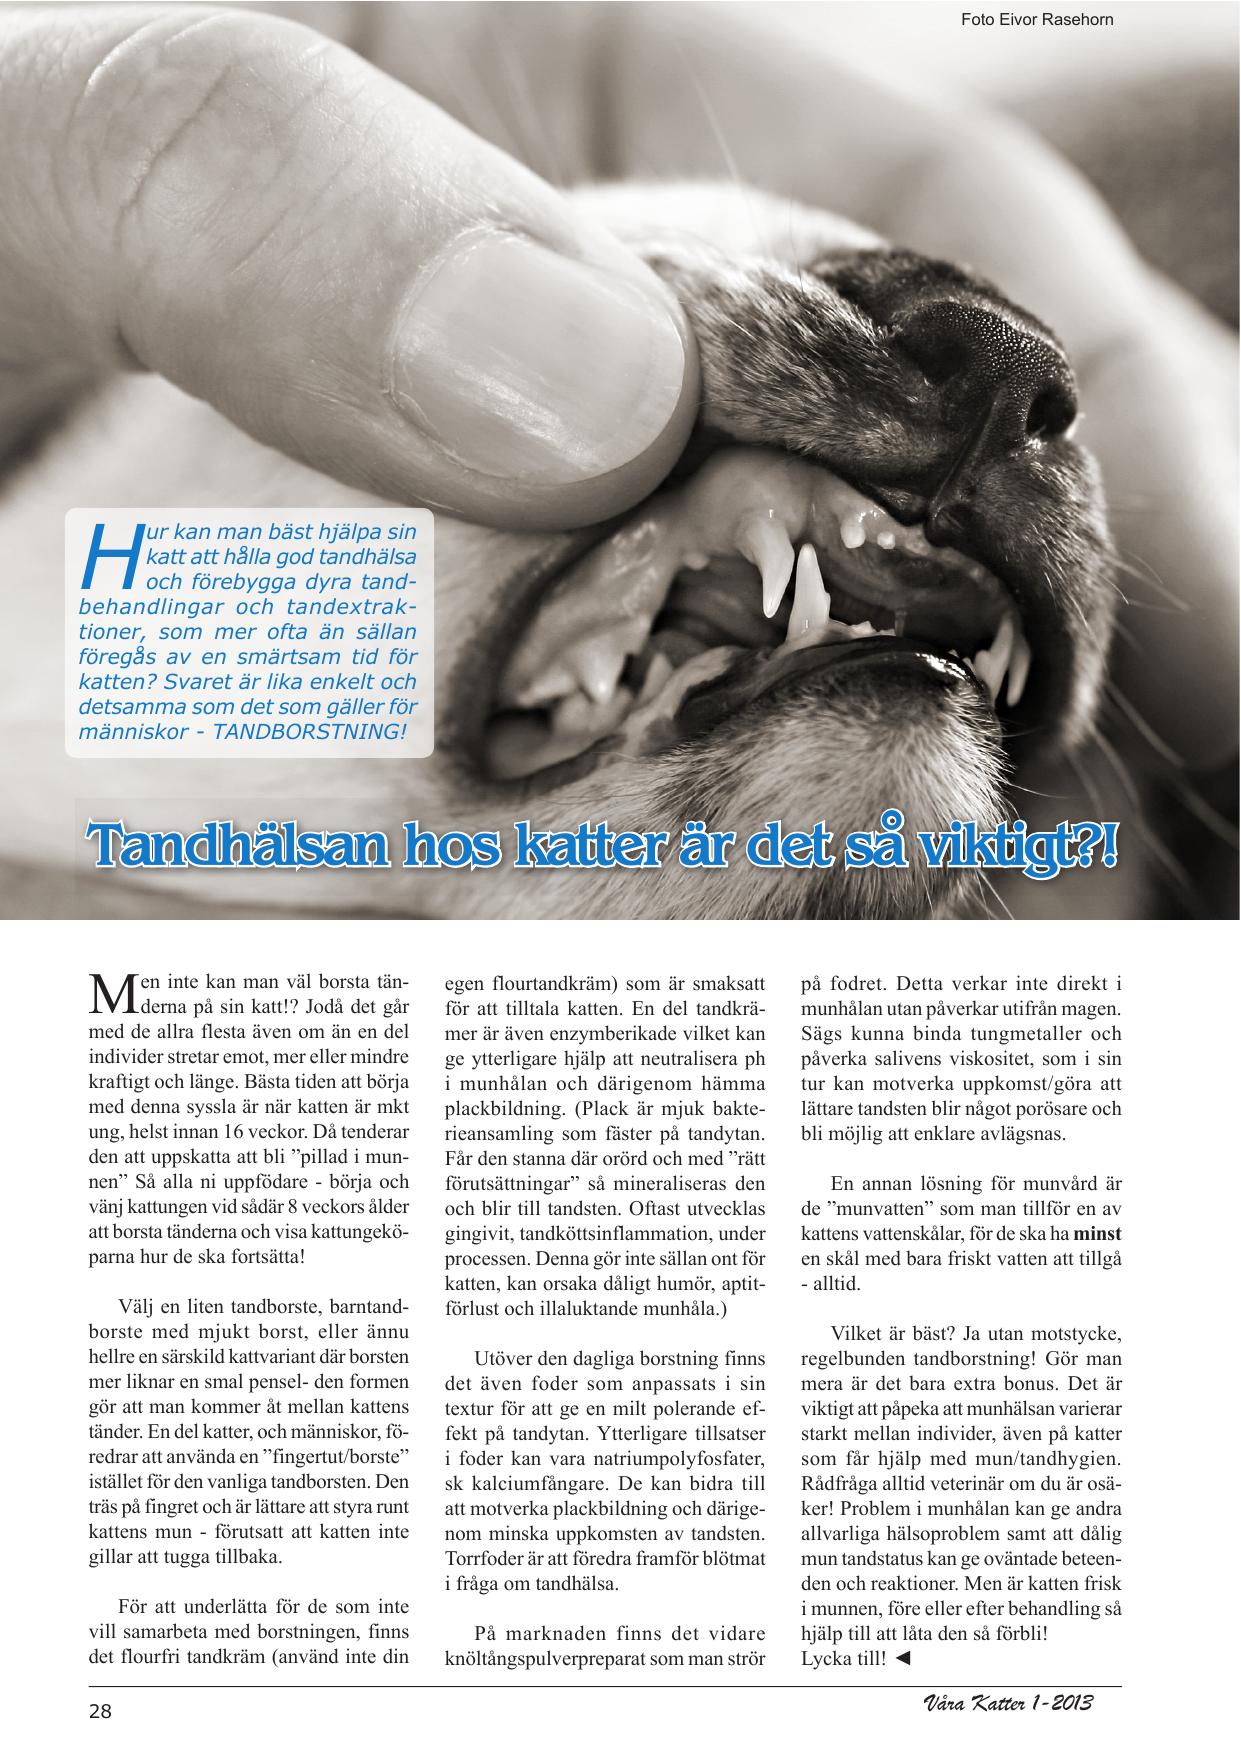 Tandhälsan Hos Katter är Det Så Viktigt